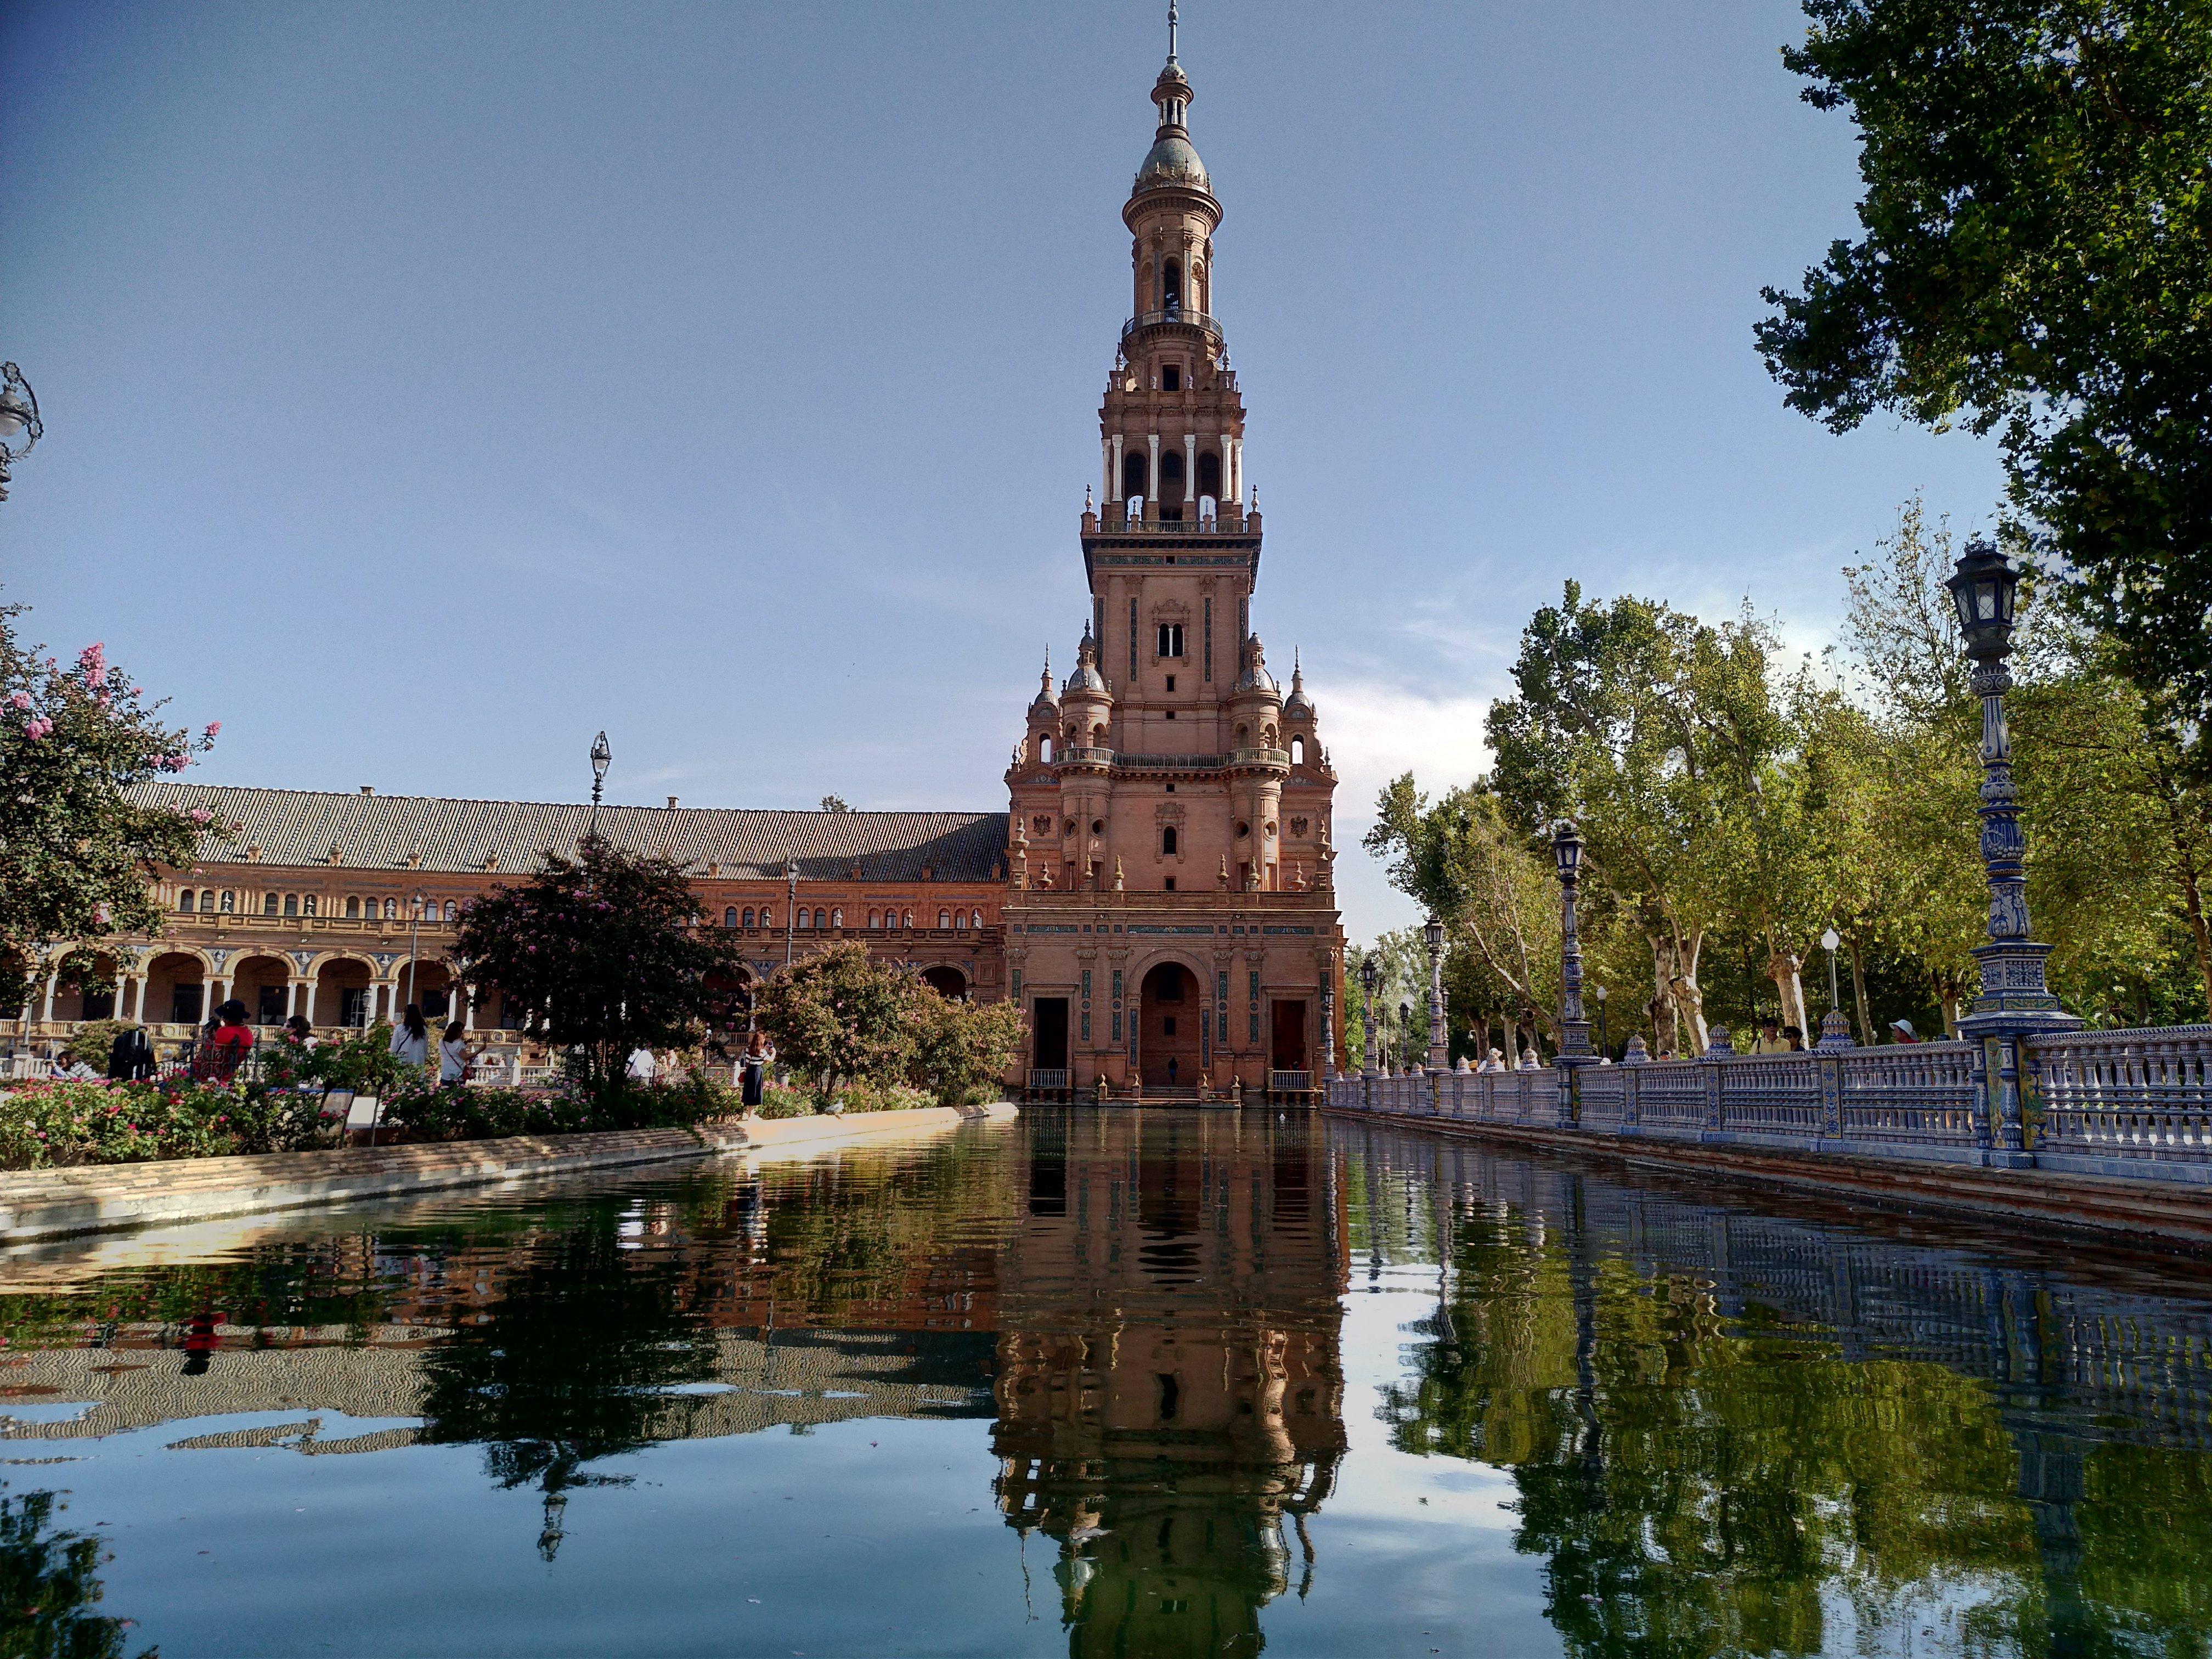 Andalusia Siviglia senza automobile, Plaza de Espana